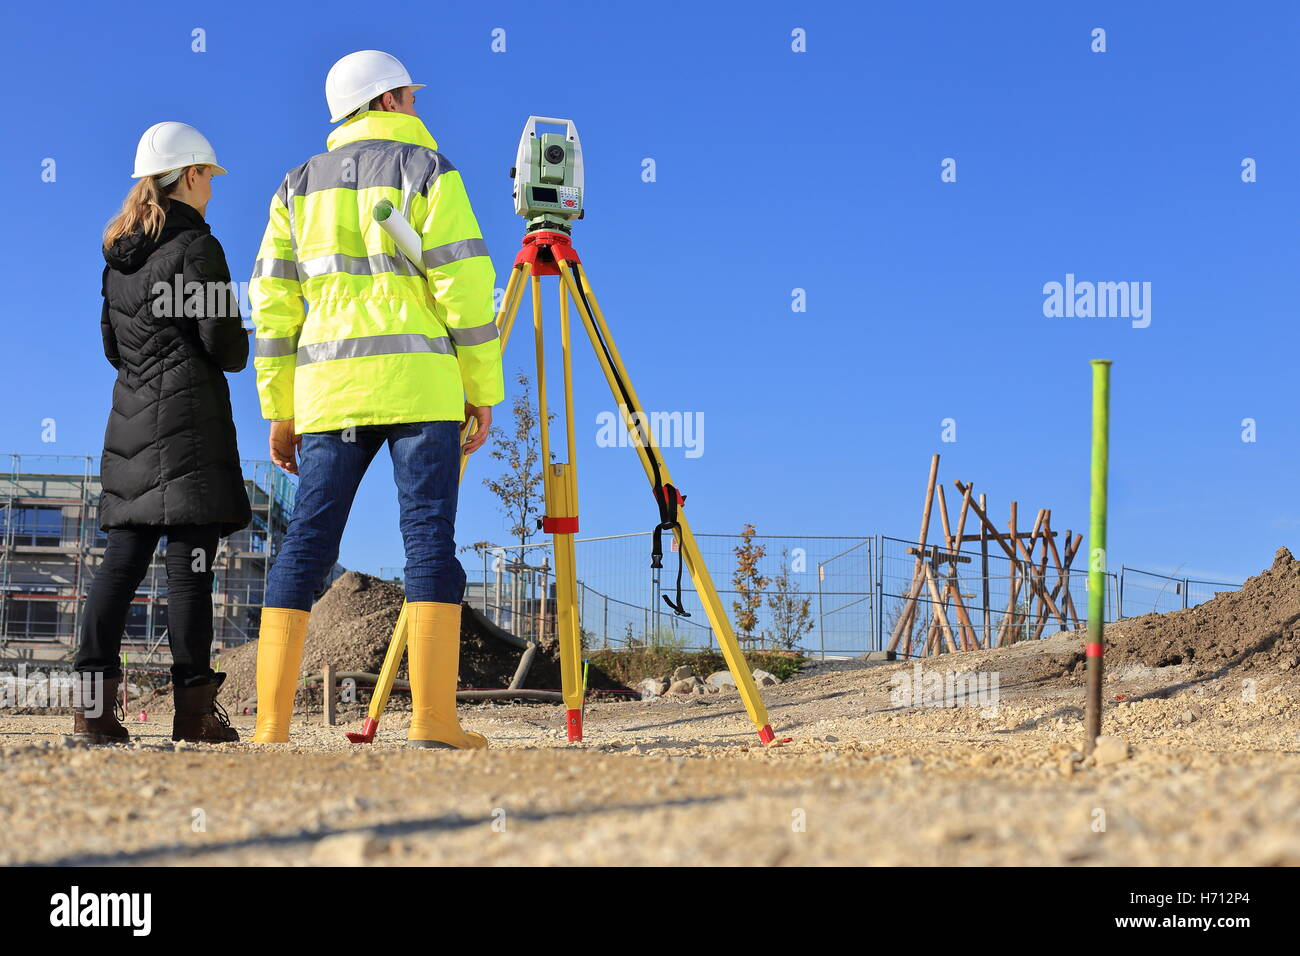 Ein Architekt und Vermesser auf einer Baustelle zurück Blick Stockbild